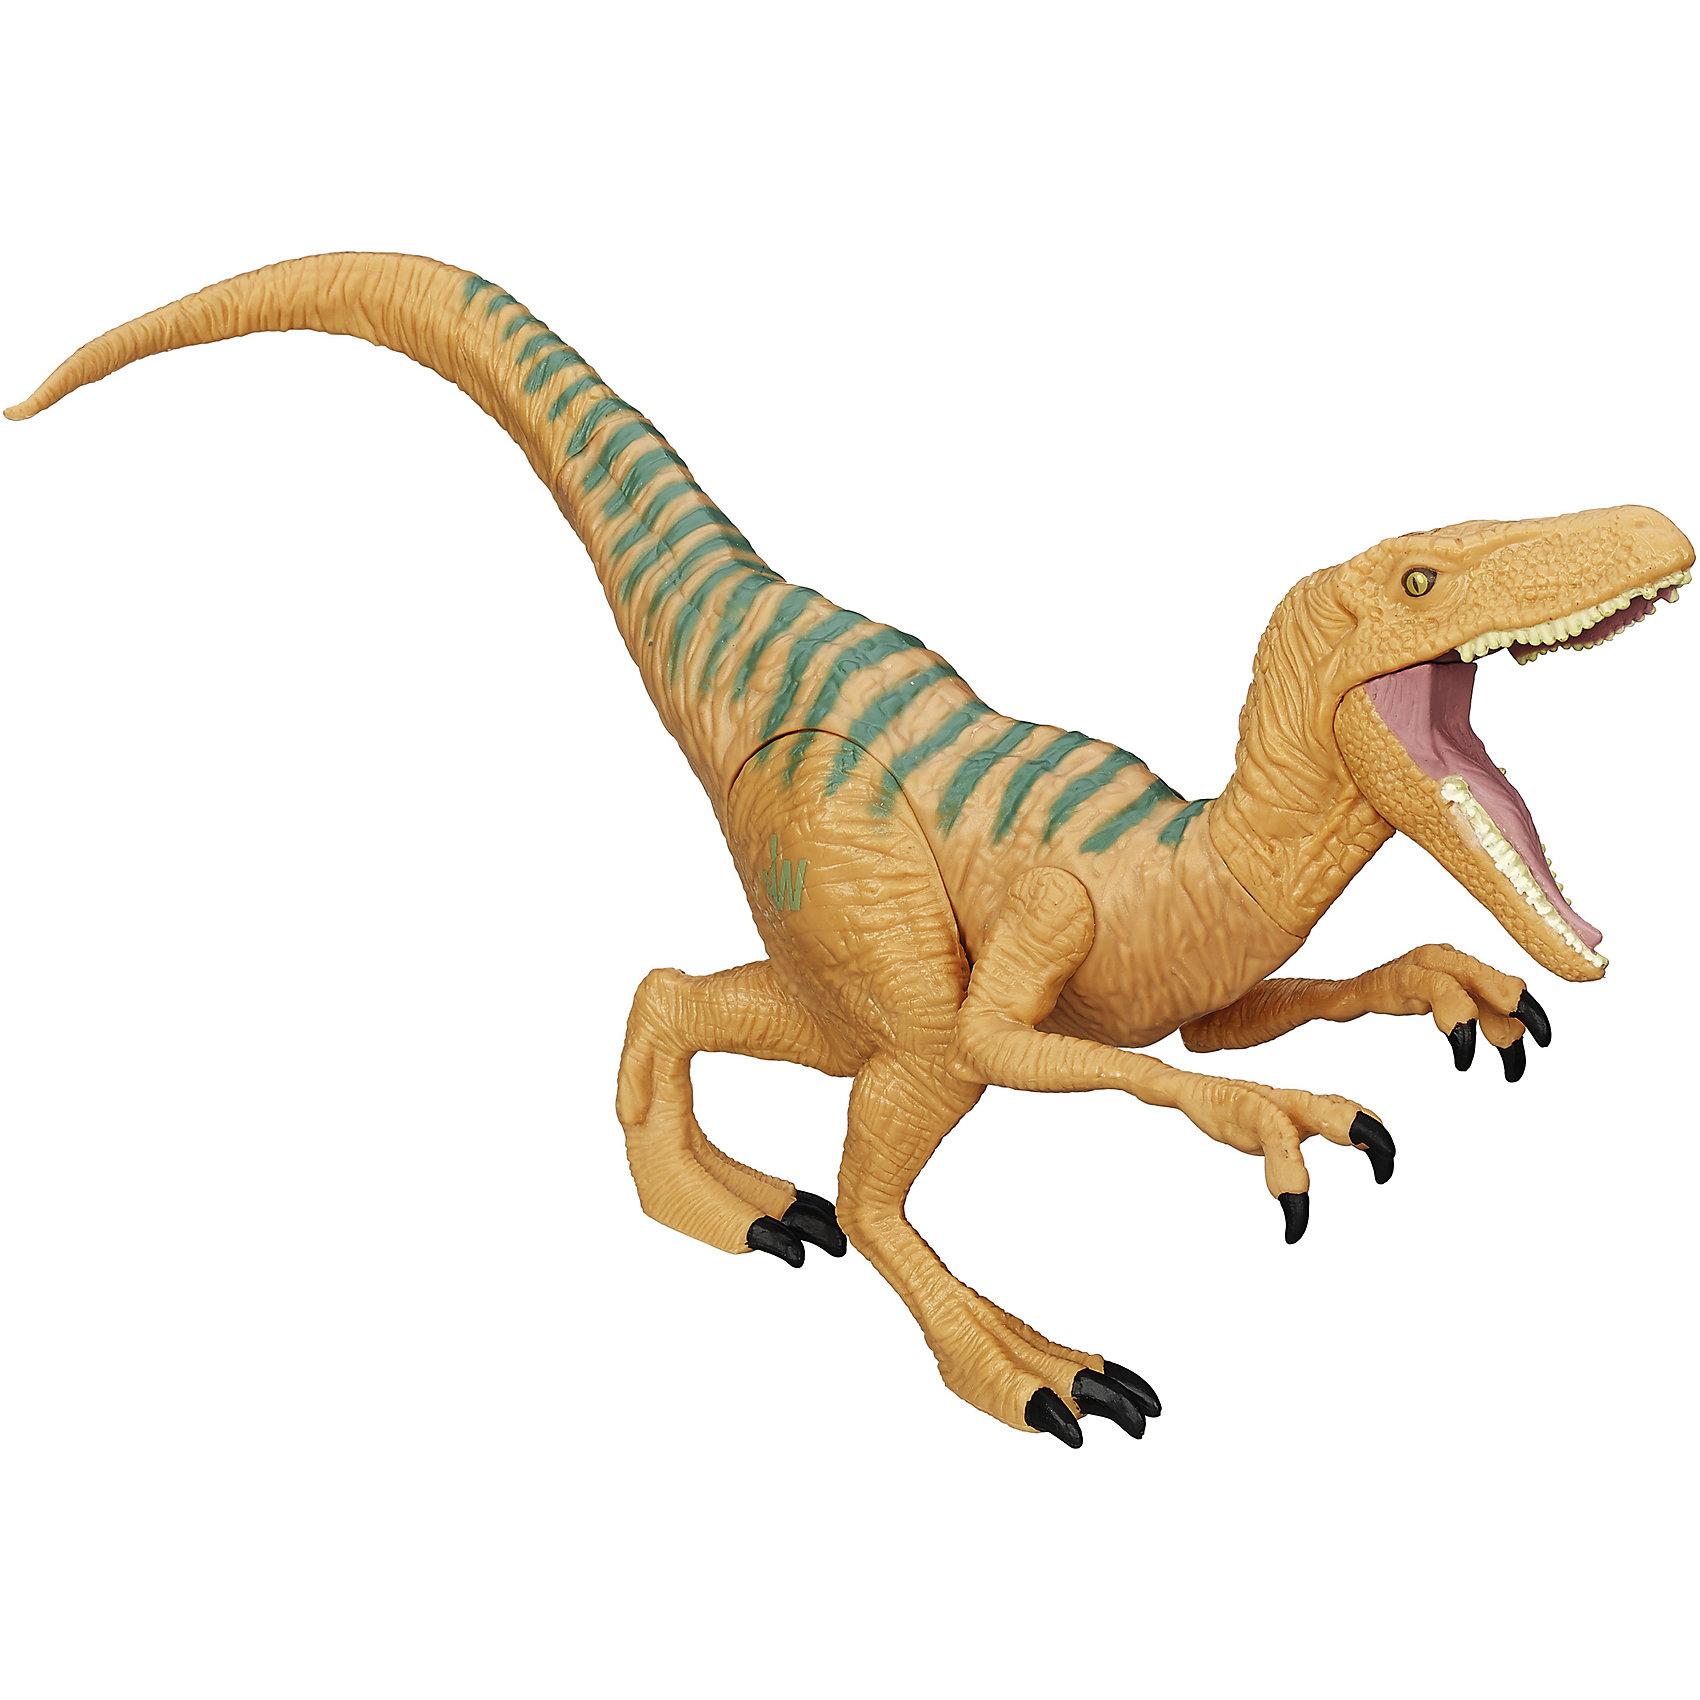 Титаны Динозавры: Велоцираптор Эхо, Мир Юрского ПериодаФигурки Динозавров Мира Юрского Периода высотой 35 см. из популярной линейки Титаны по привлекательно цене.<br><br>Ширина мм: 152<br>Глубина мм: 279<br>Высота мм: 76<br>Вес г: 275<br>Возраст от месяцев: 48<br>Возраст до месяцев: 1188<br>Пол: Мужской<br>Возраст: Детский<br>SKU: 4163210